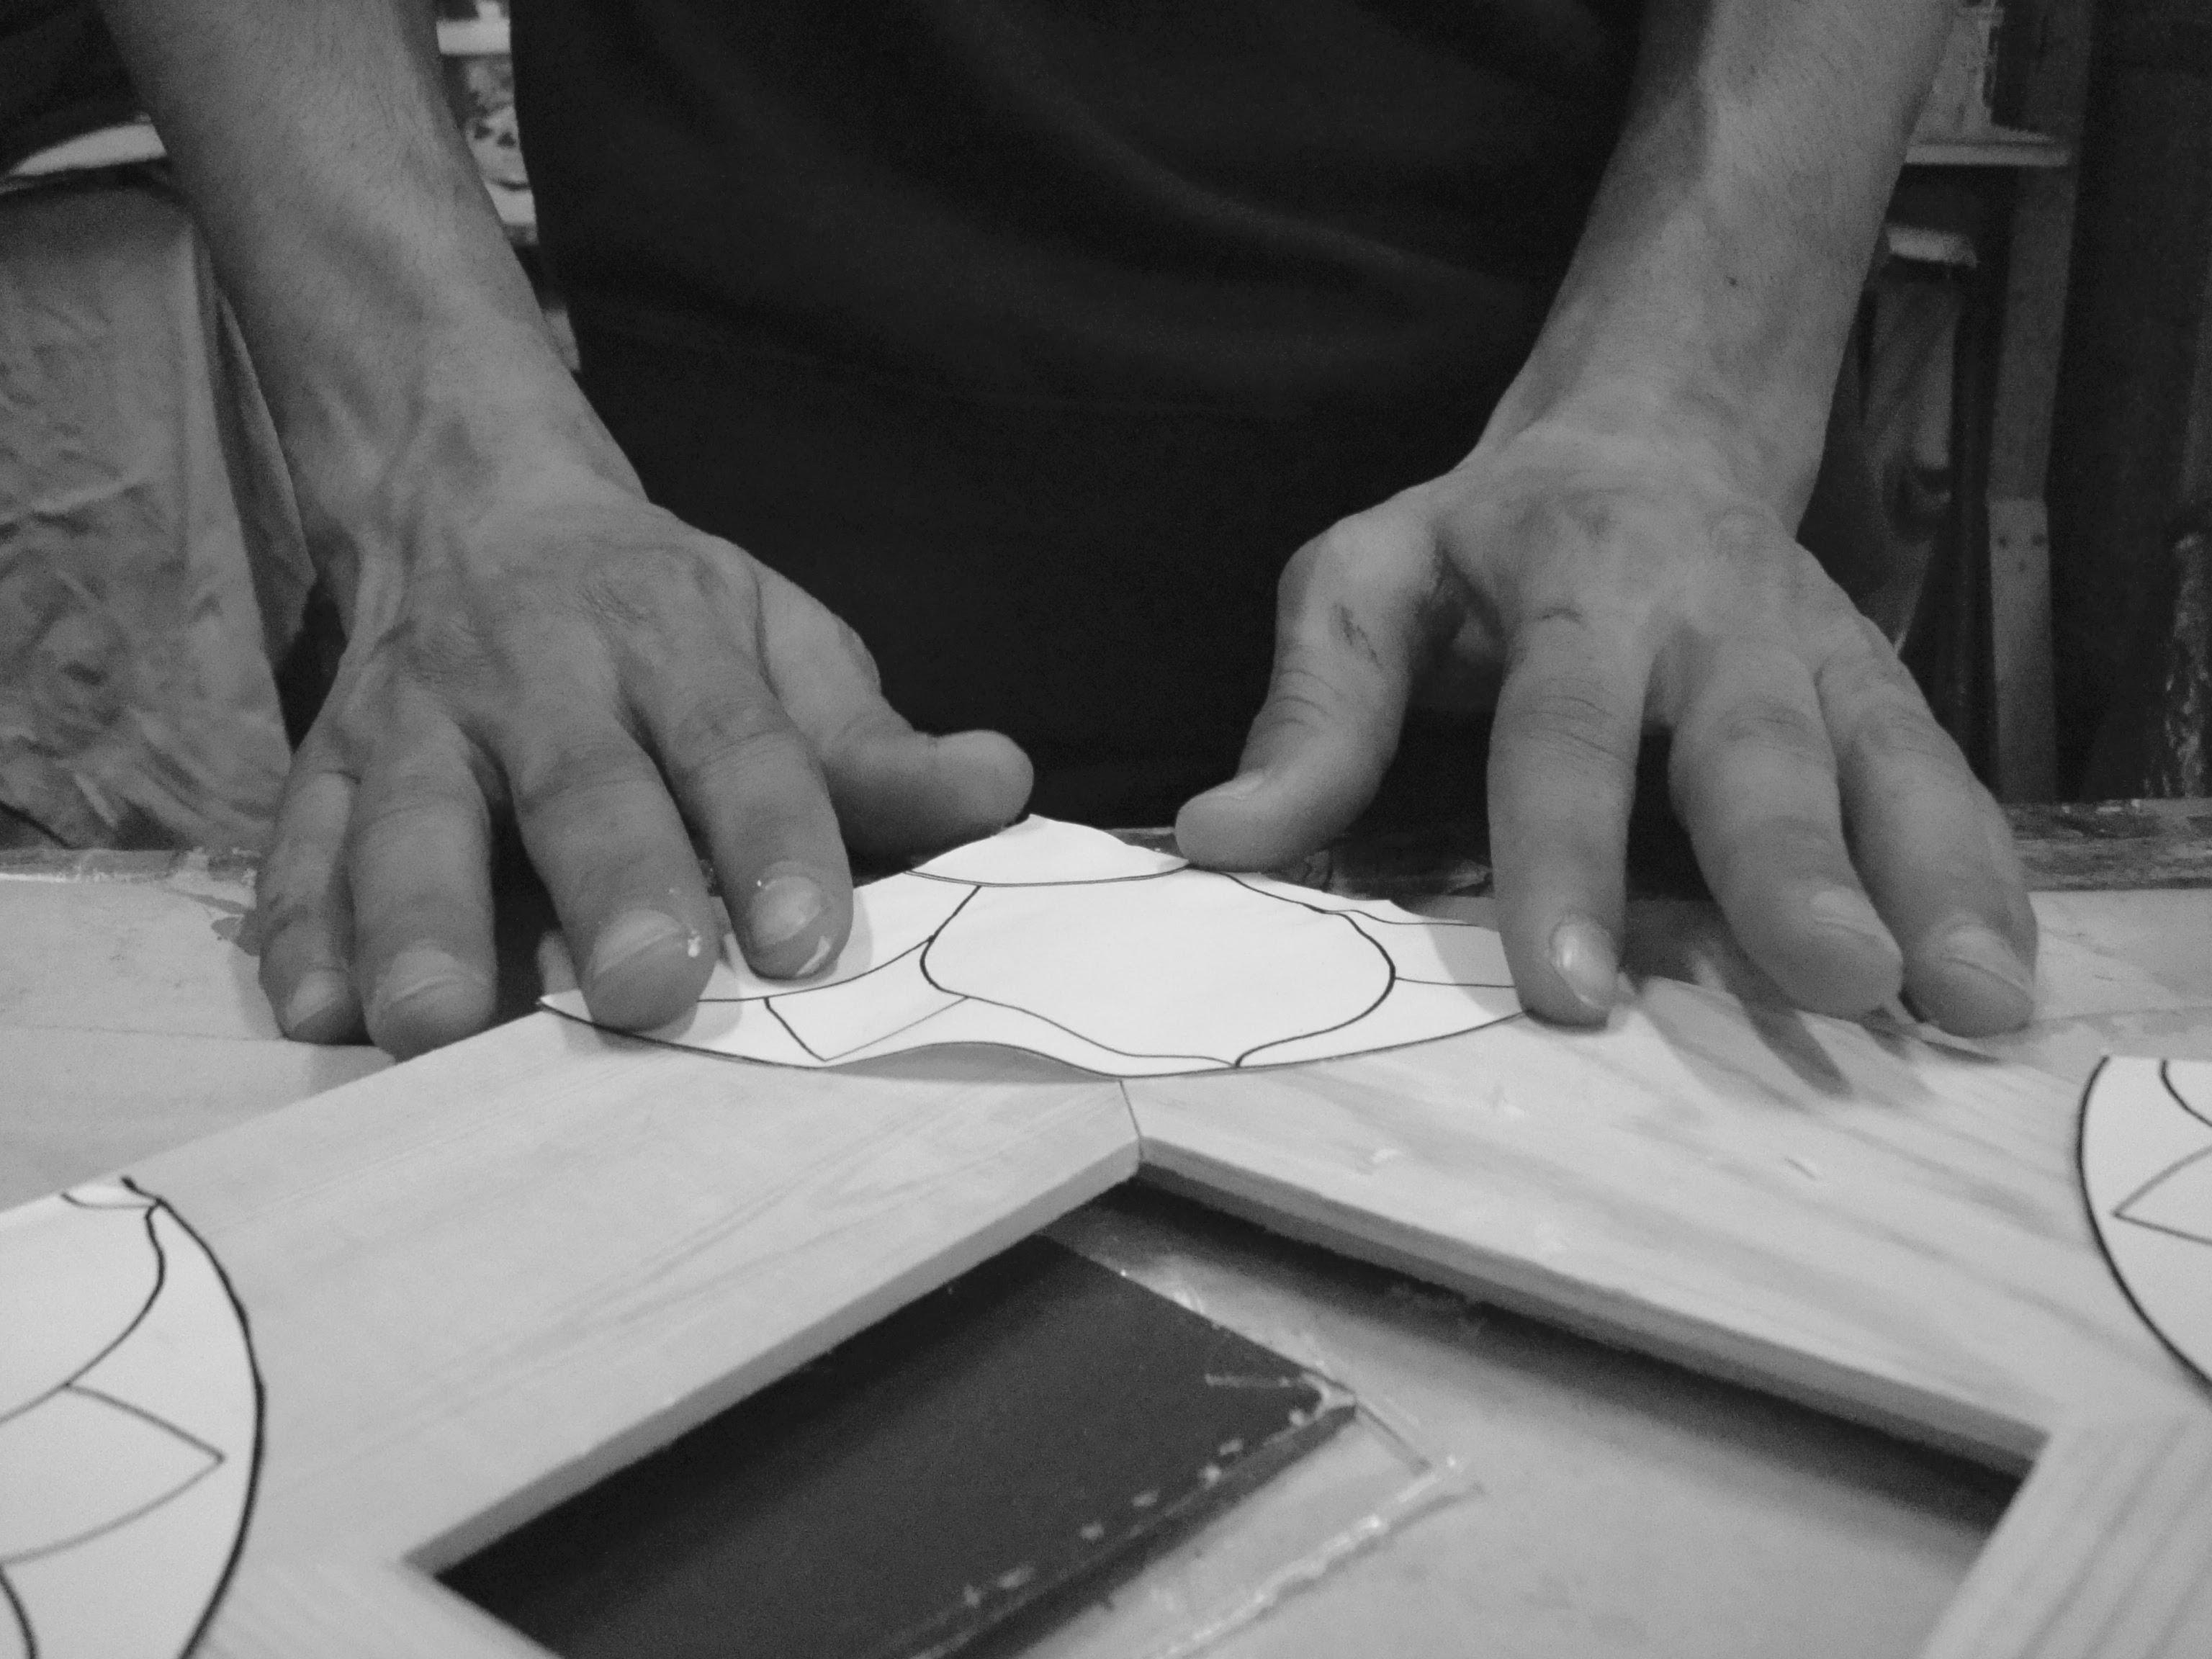 Dettaglio mani di un detenuto che crea una cornice nel laboratorio creativo Arte e Natura del Carcere Minorile di Firenze